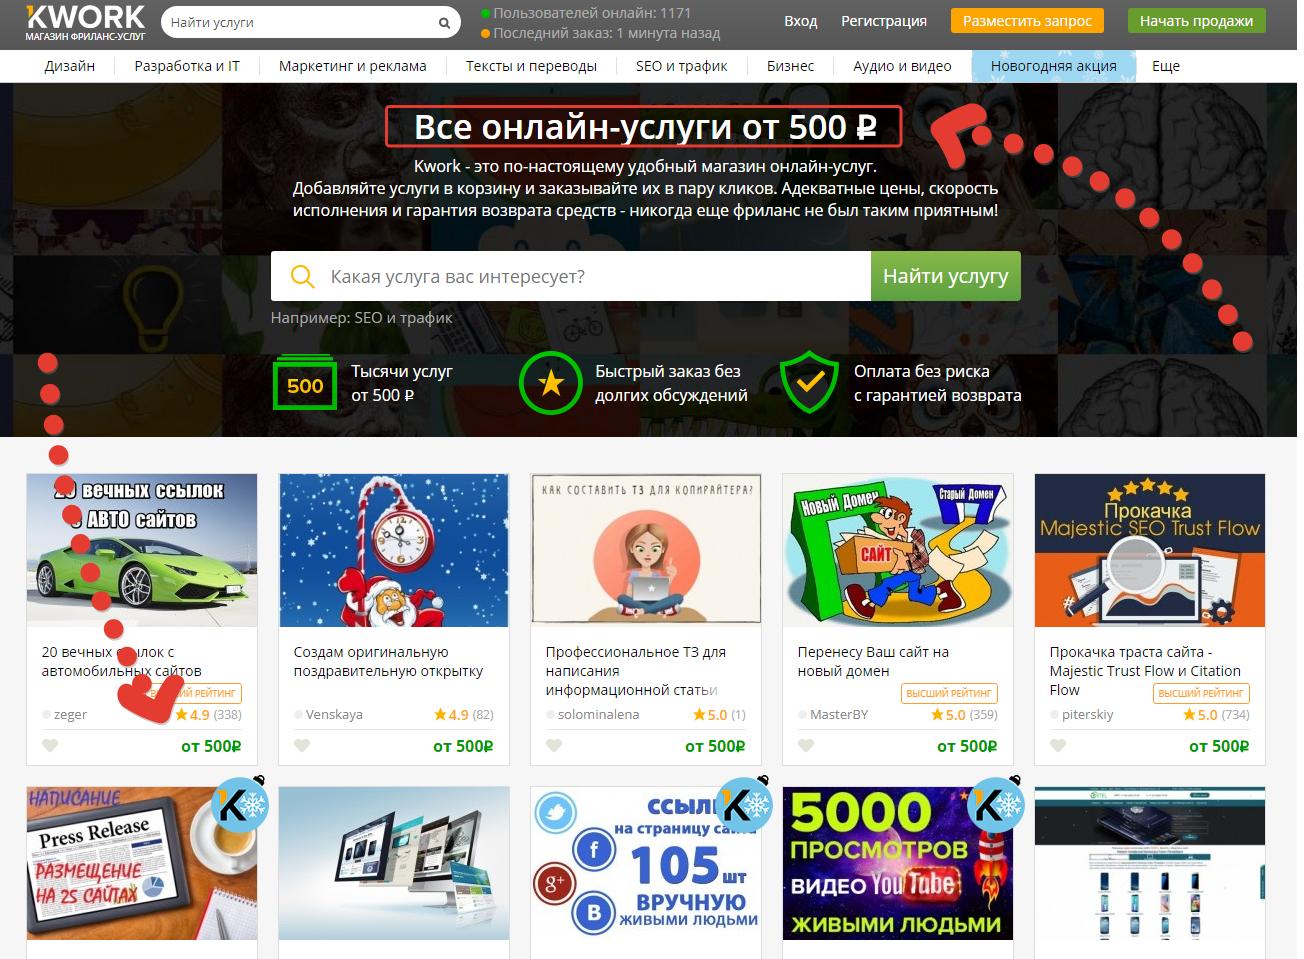 Заработать в интернет 20 в день как заработать деньги в интернете от 200 до 500 рублей в день для ребенка